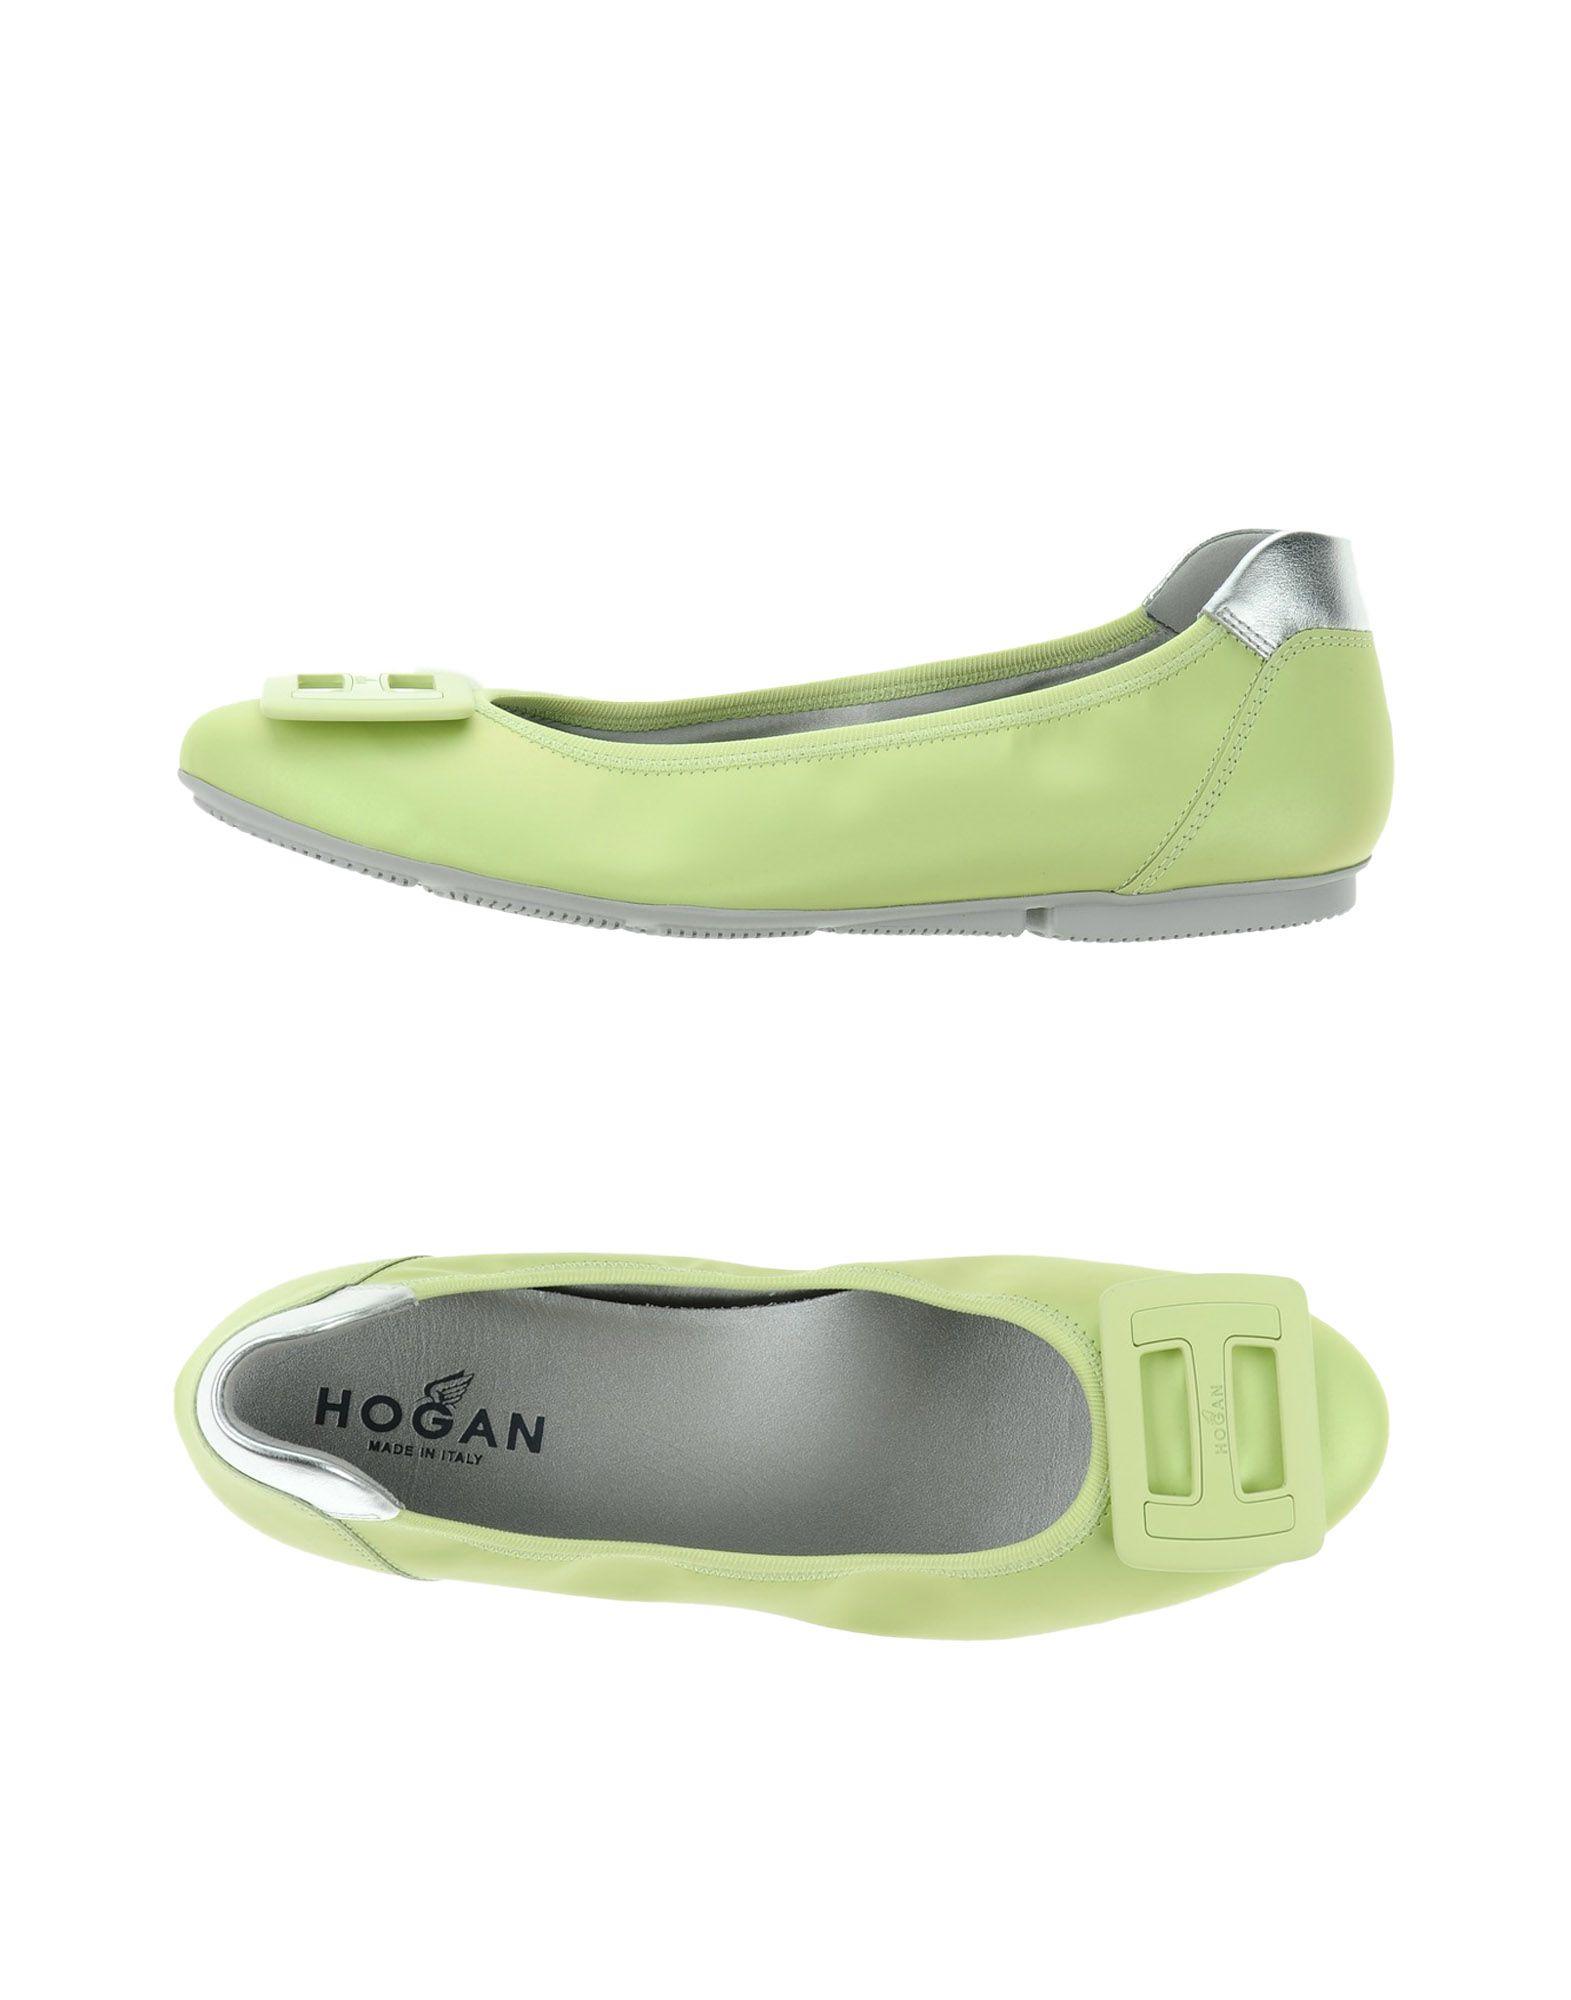 Scarpe economiche e resistenti Ballerine Hogan Donna - 11335620MX